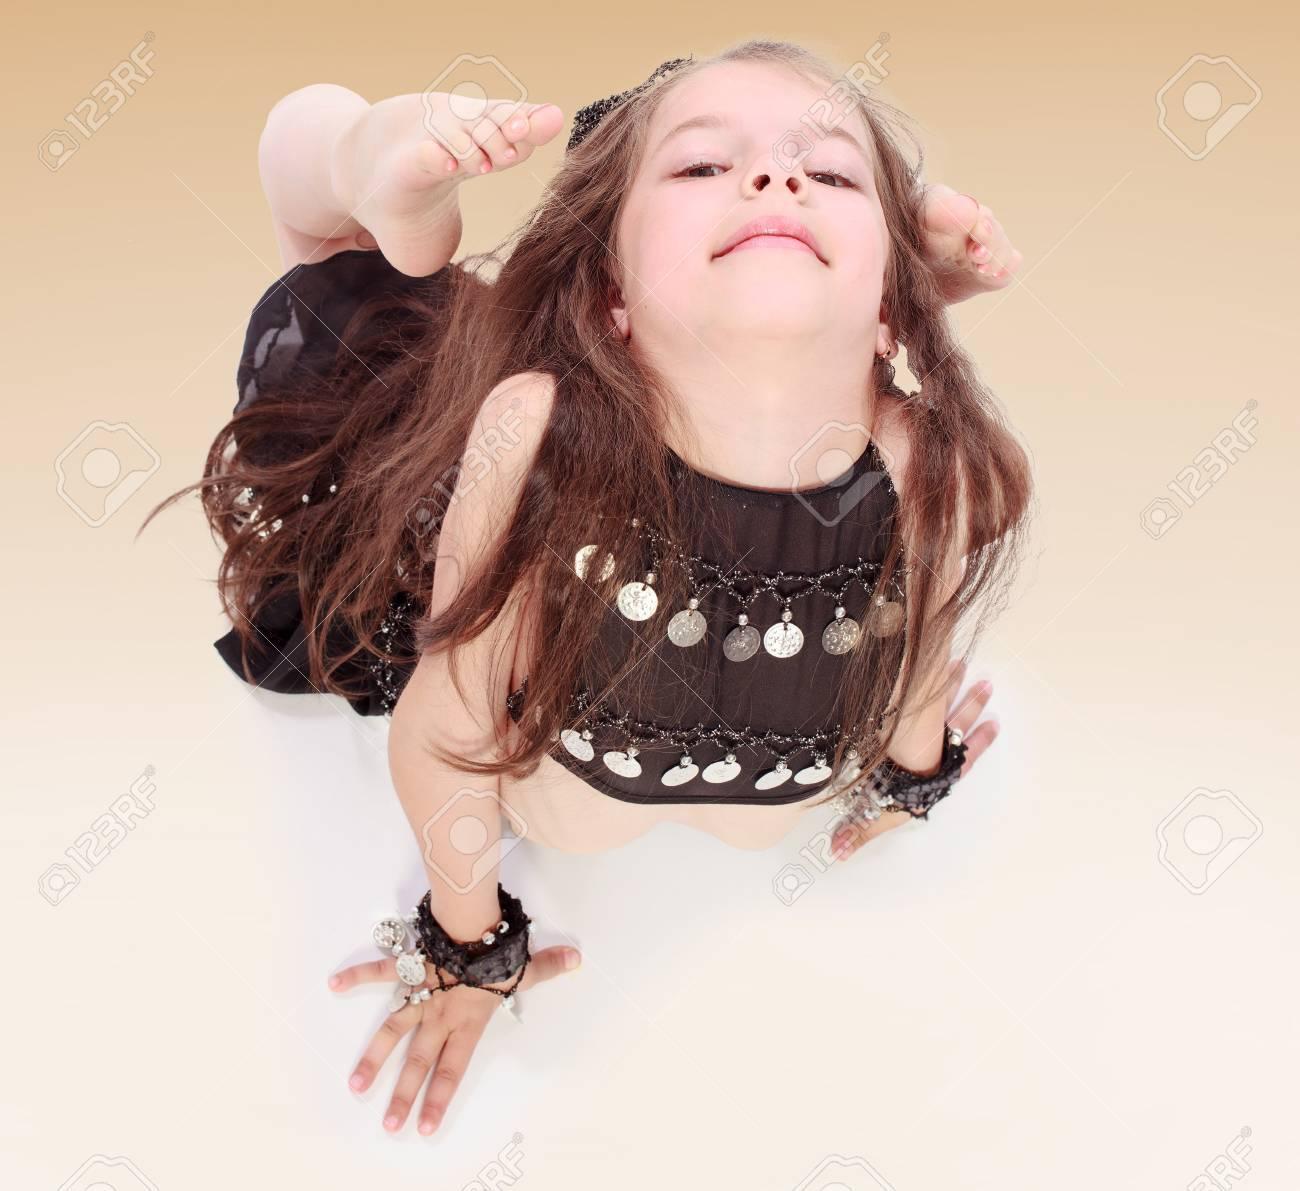 Трахает гибкую девочку 21 фотография